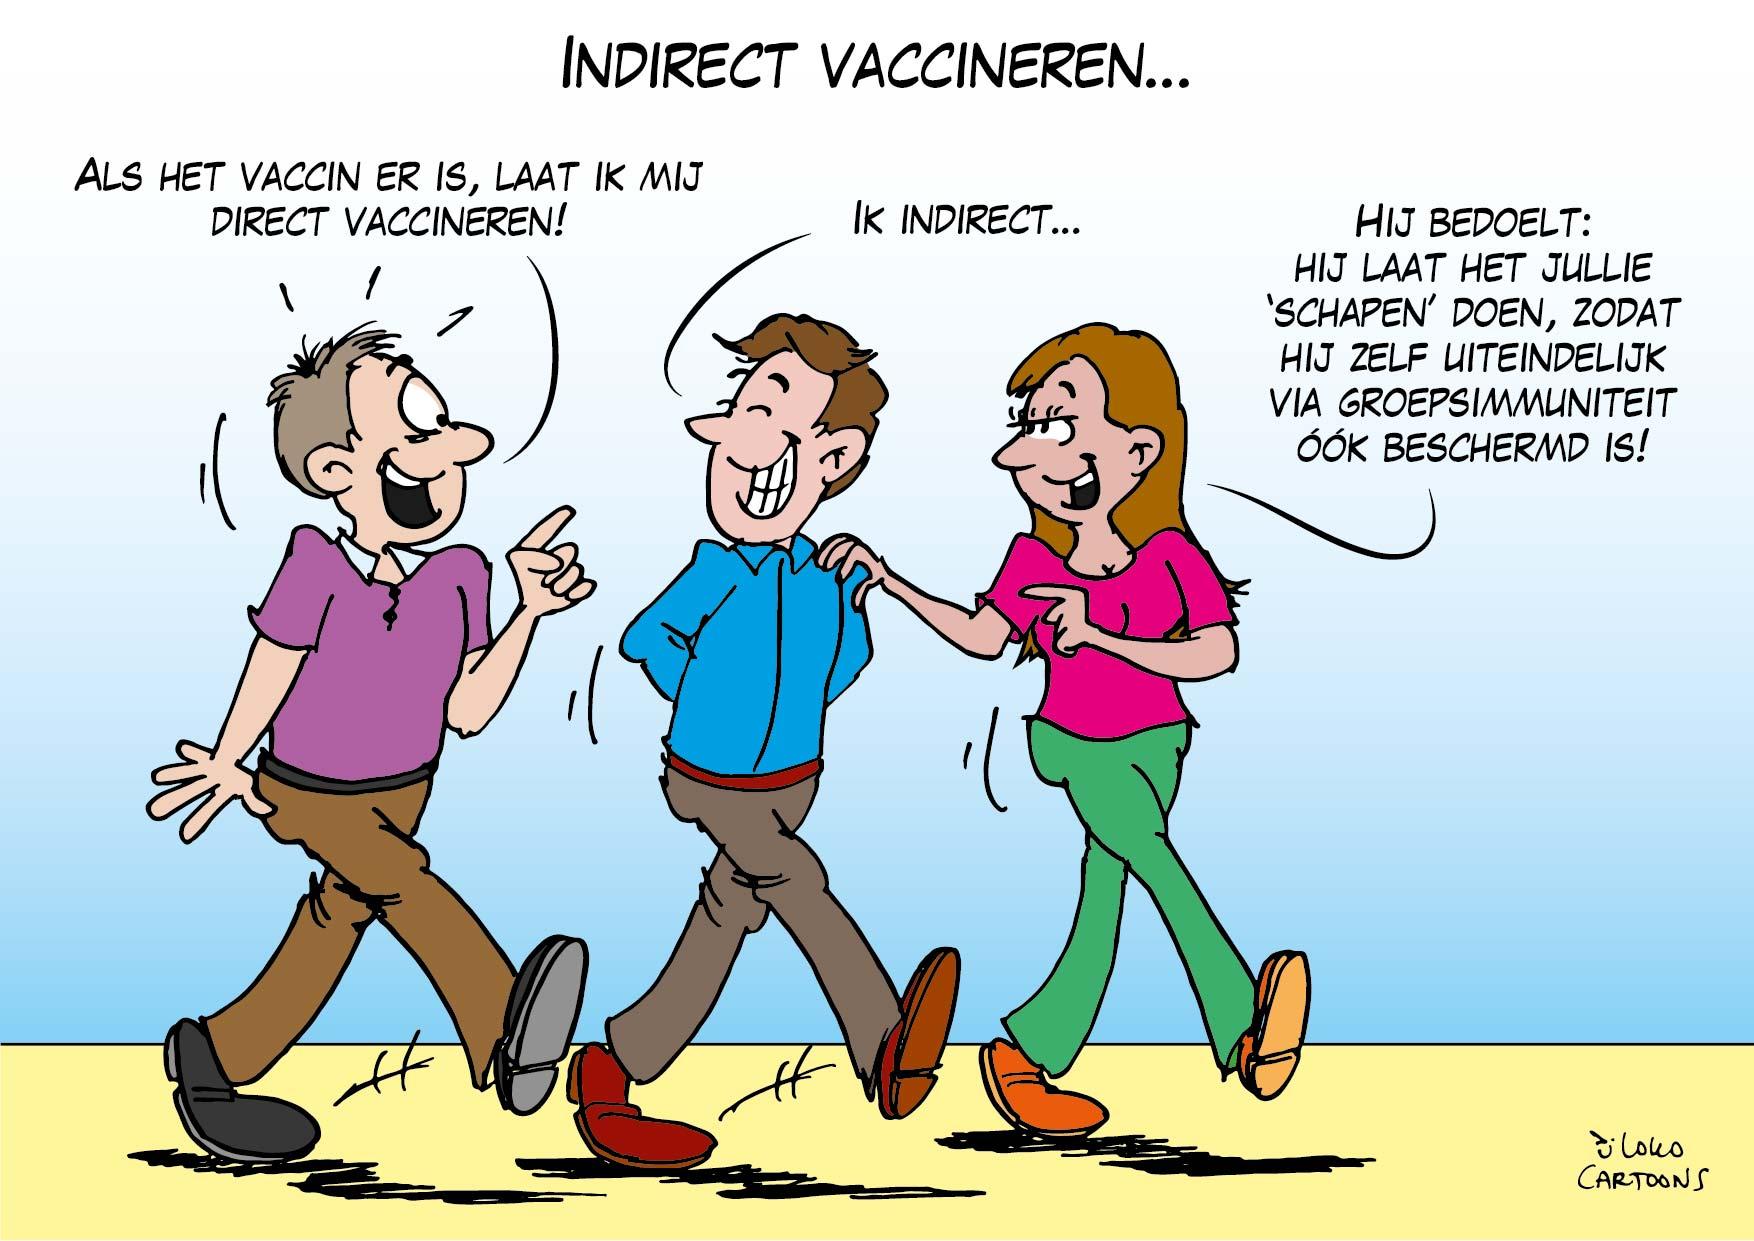 Indirect vaccineren…